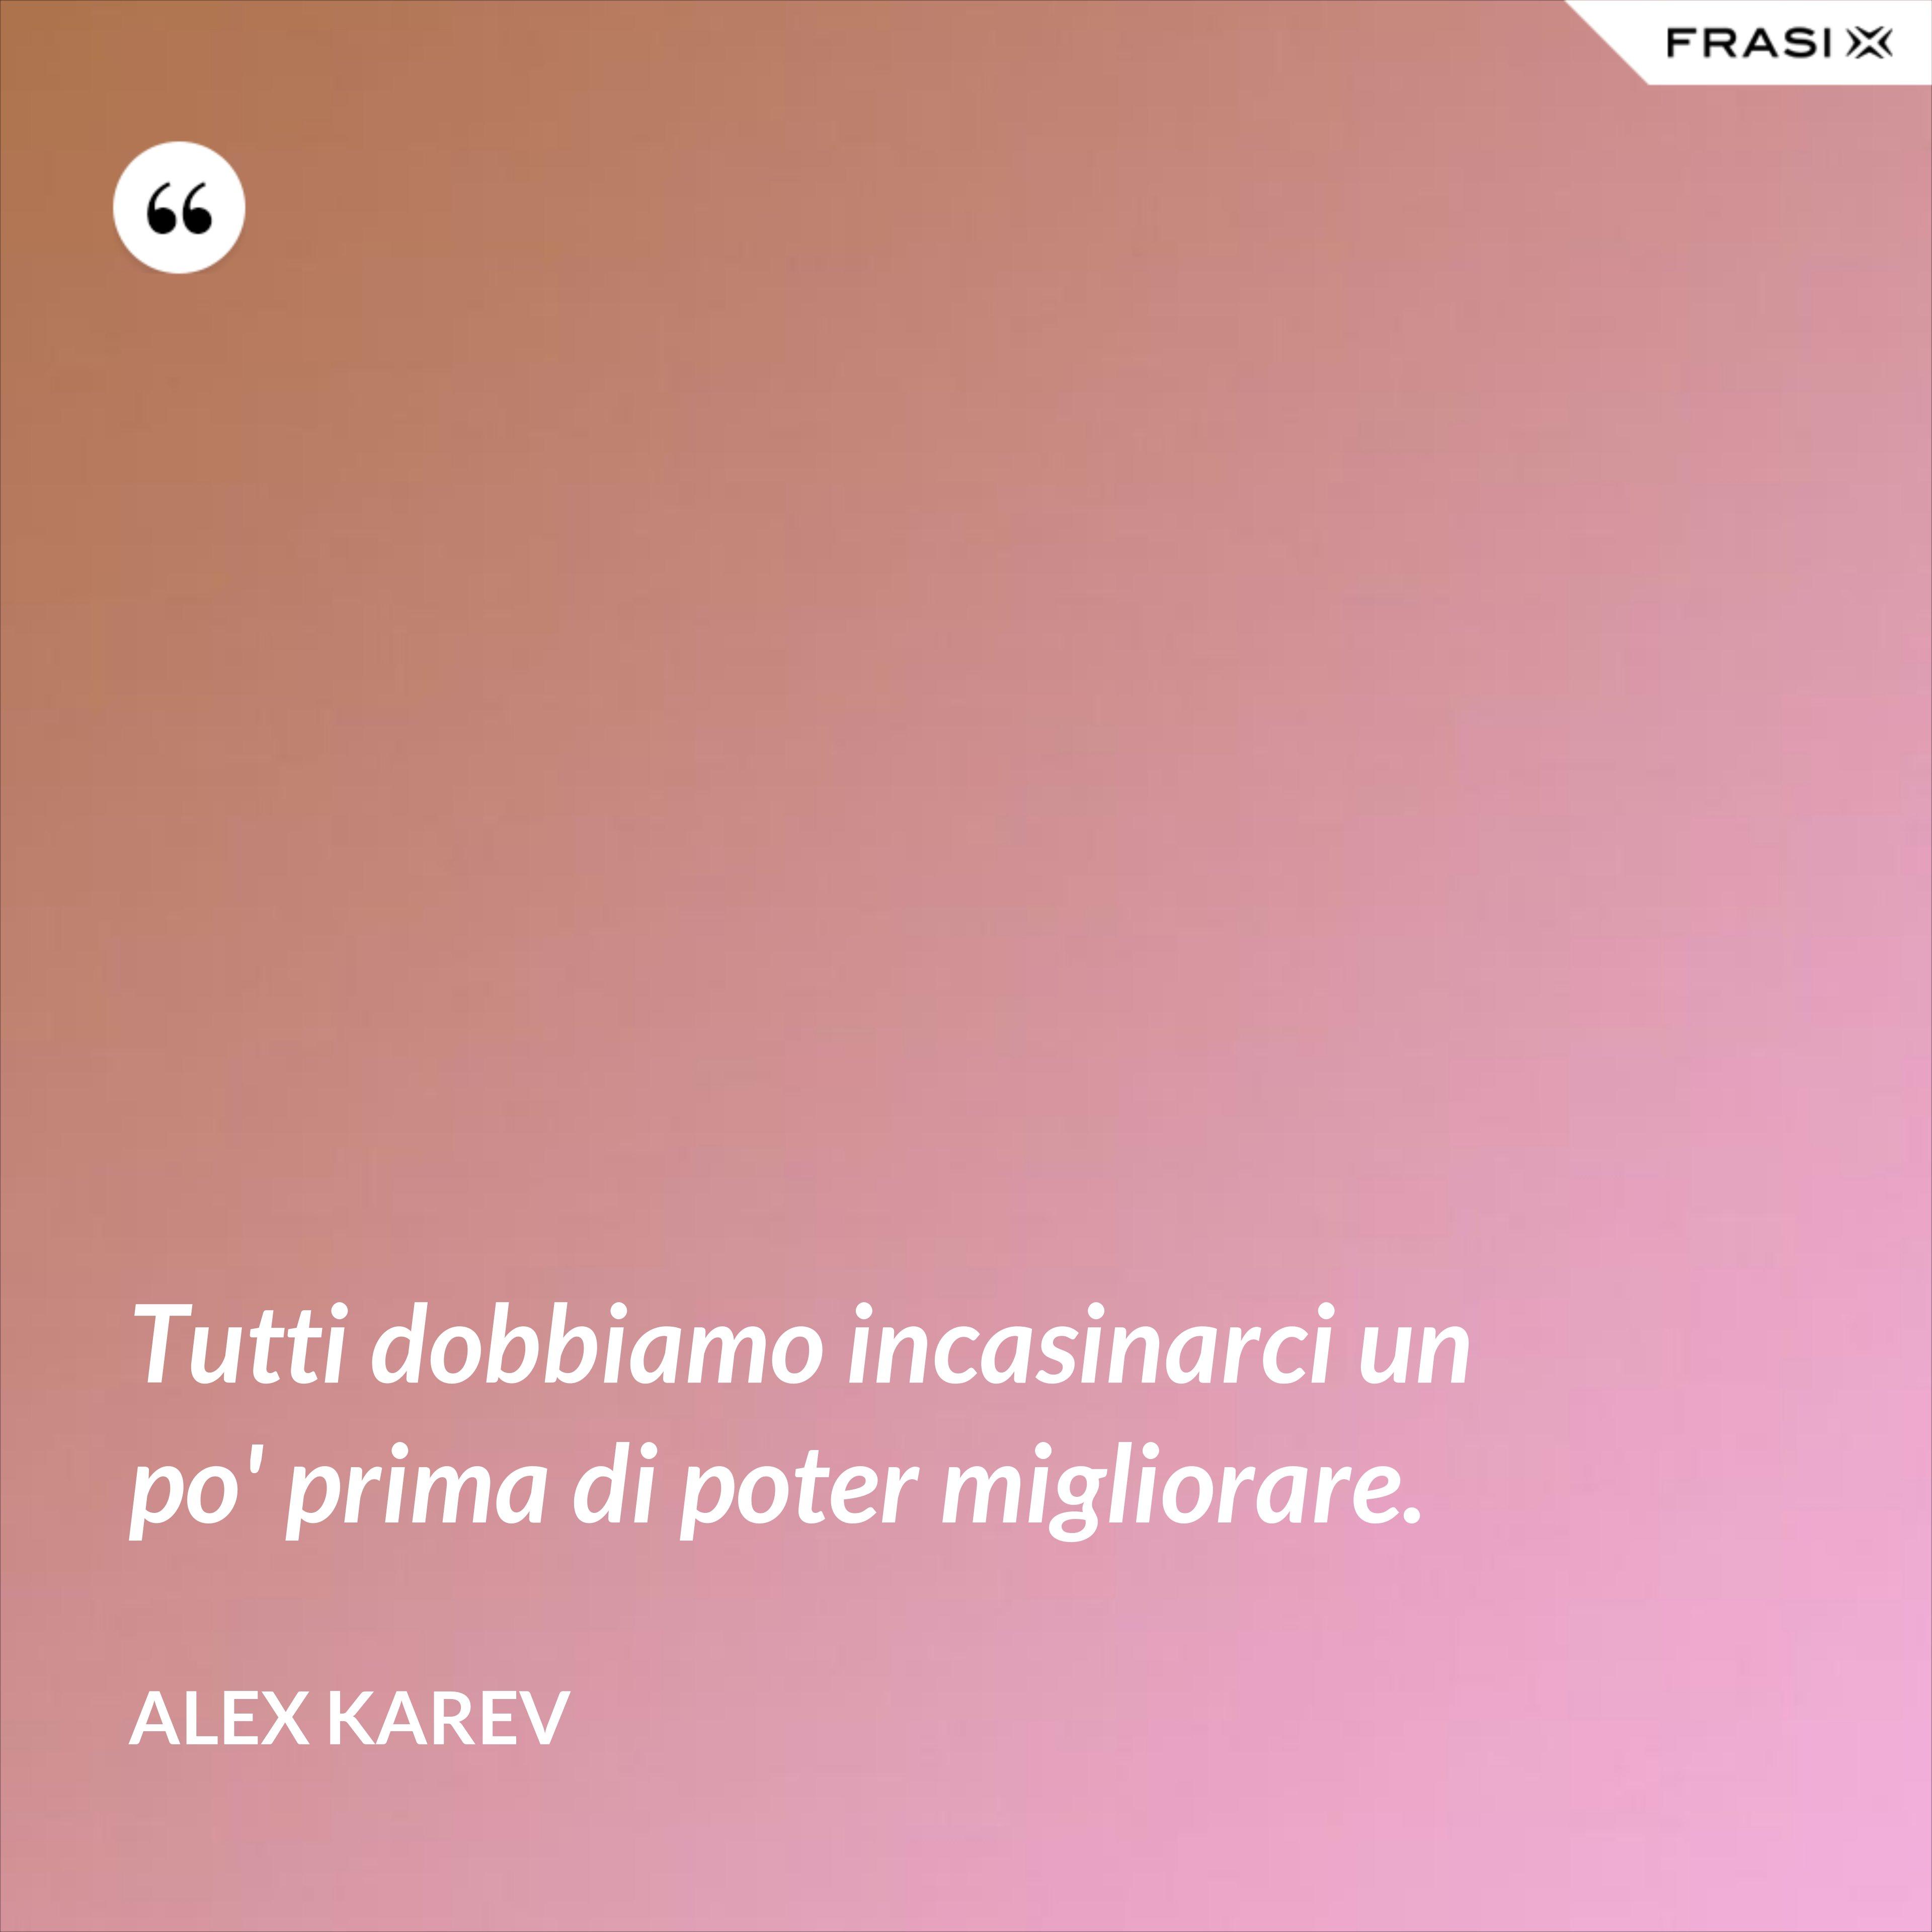 Tutti dobbiamo incasinarci un po' prima di poter migliorare. - Alex Karev